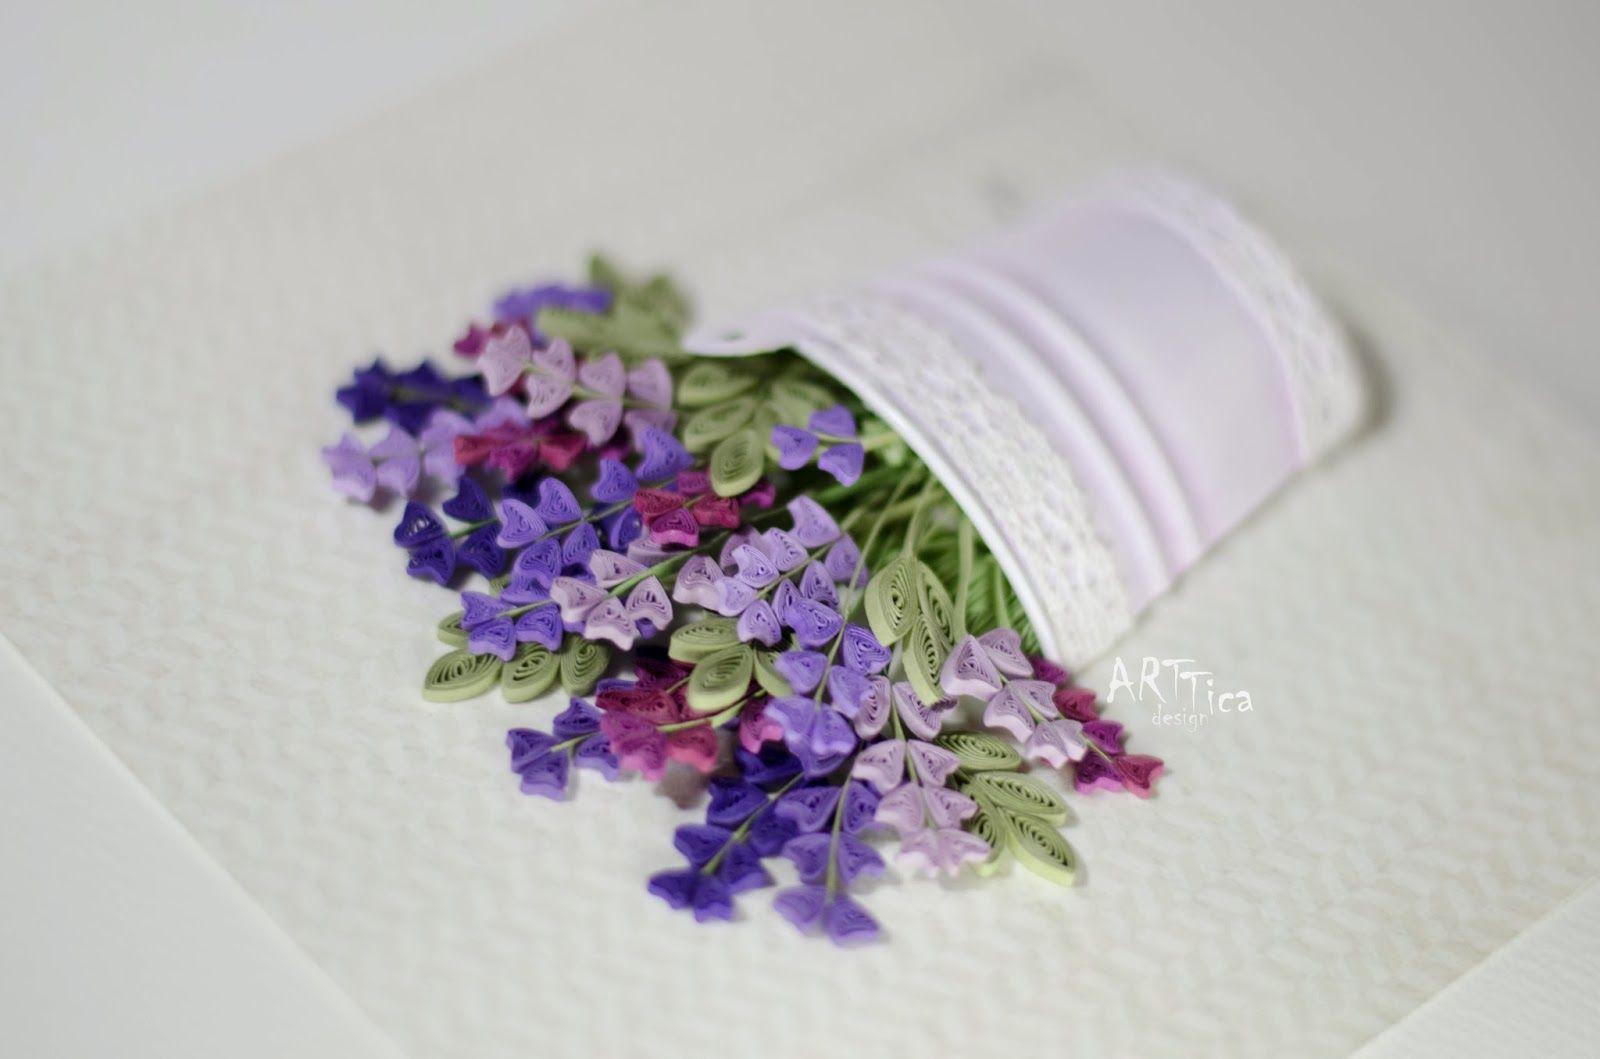 Artticadesign Quilling Quilling Flowers